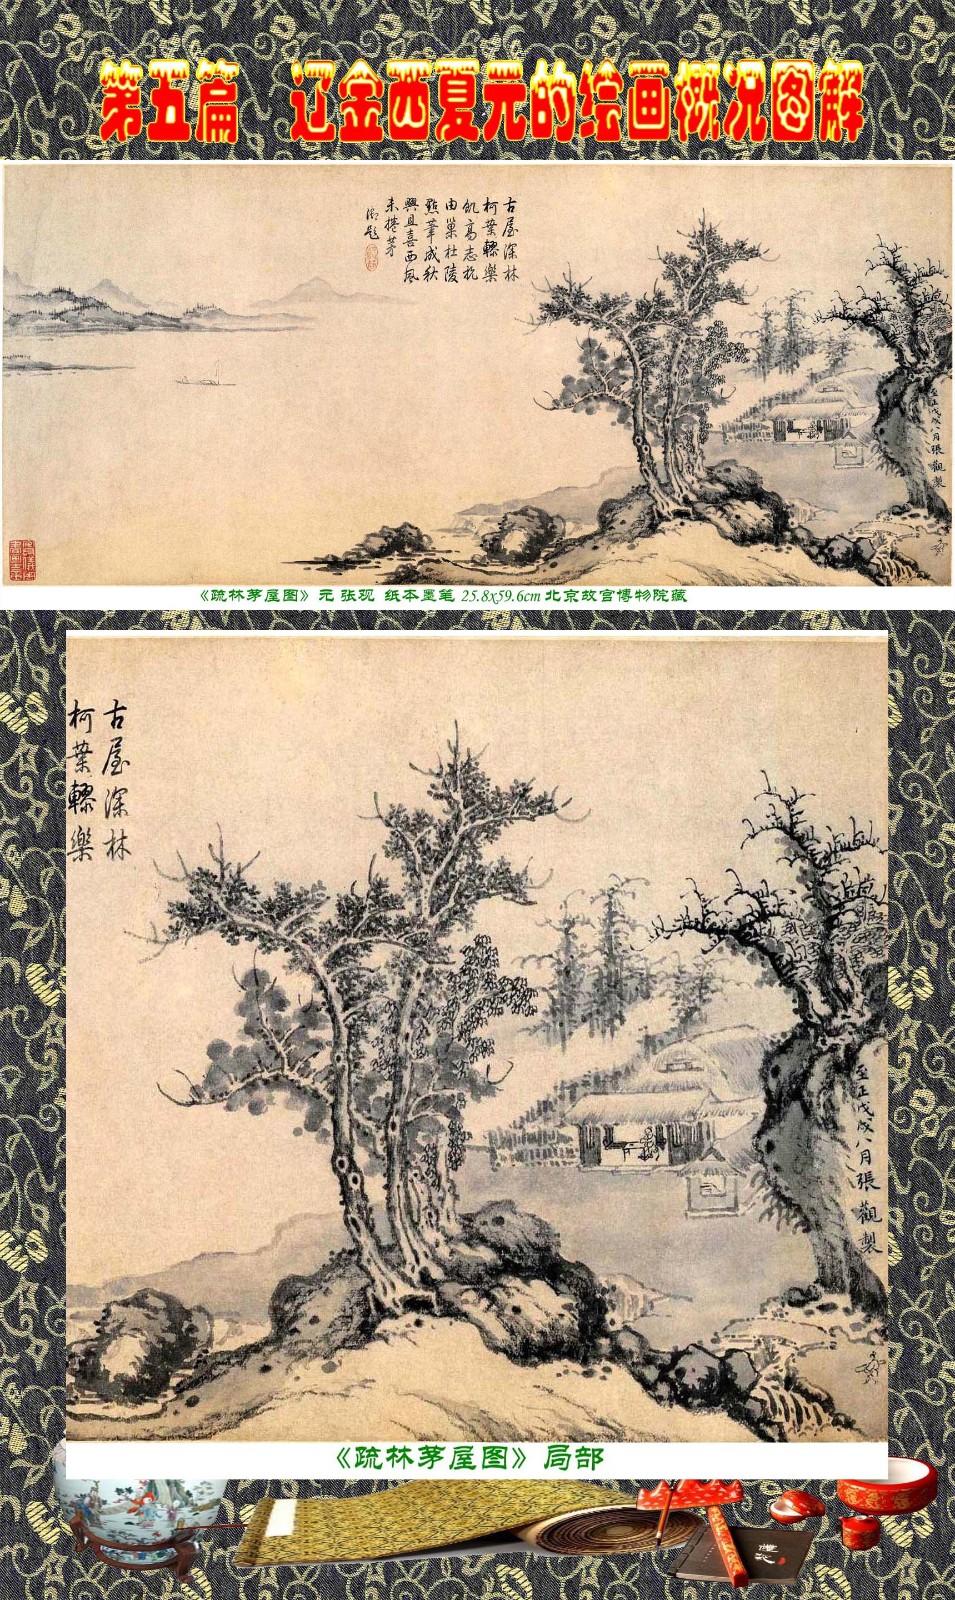 顾绍骅编辑 中国画知识普及版 第五篇 辽金西夏元的绘画概况 下 ... ..._图1-92